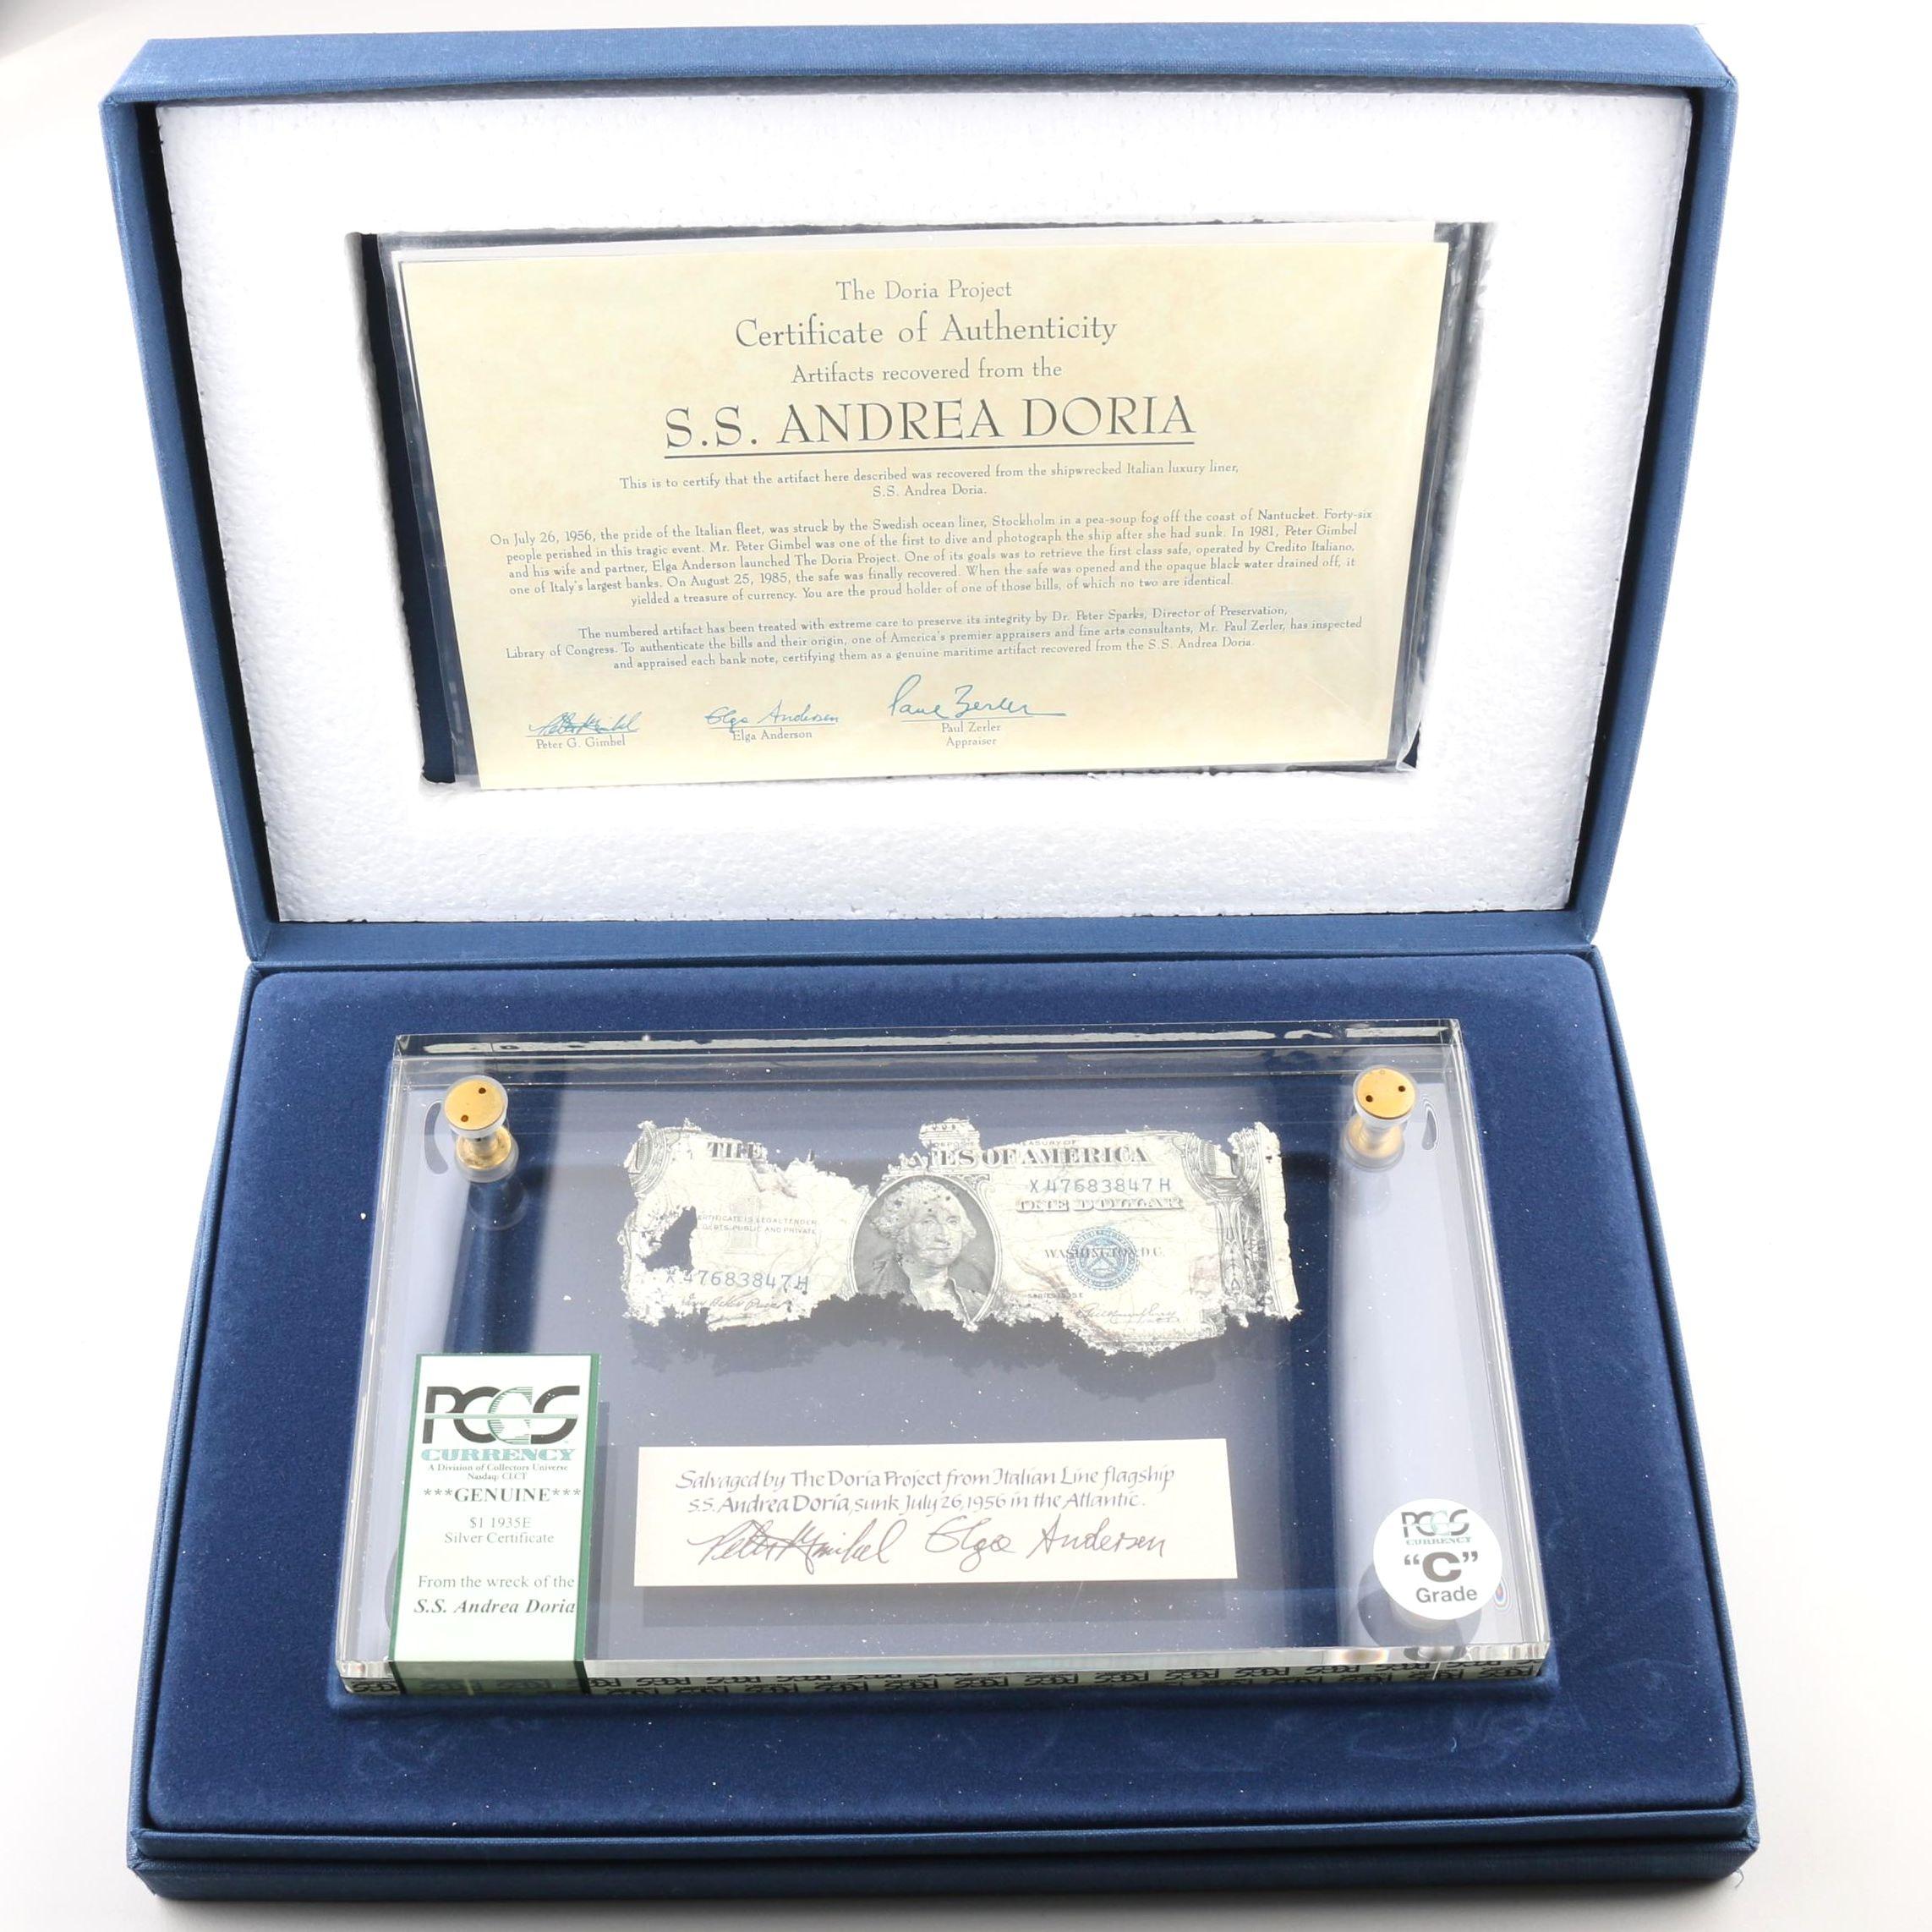 PCGS Graded $1 Silver Certificate from the S.S. Andrea Doria Shipwreck